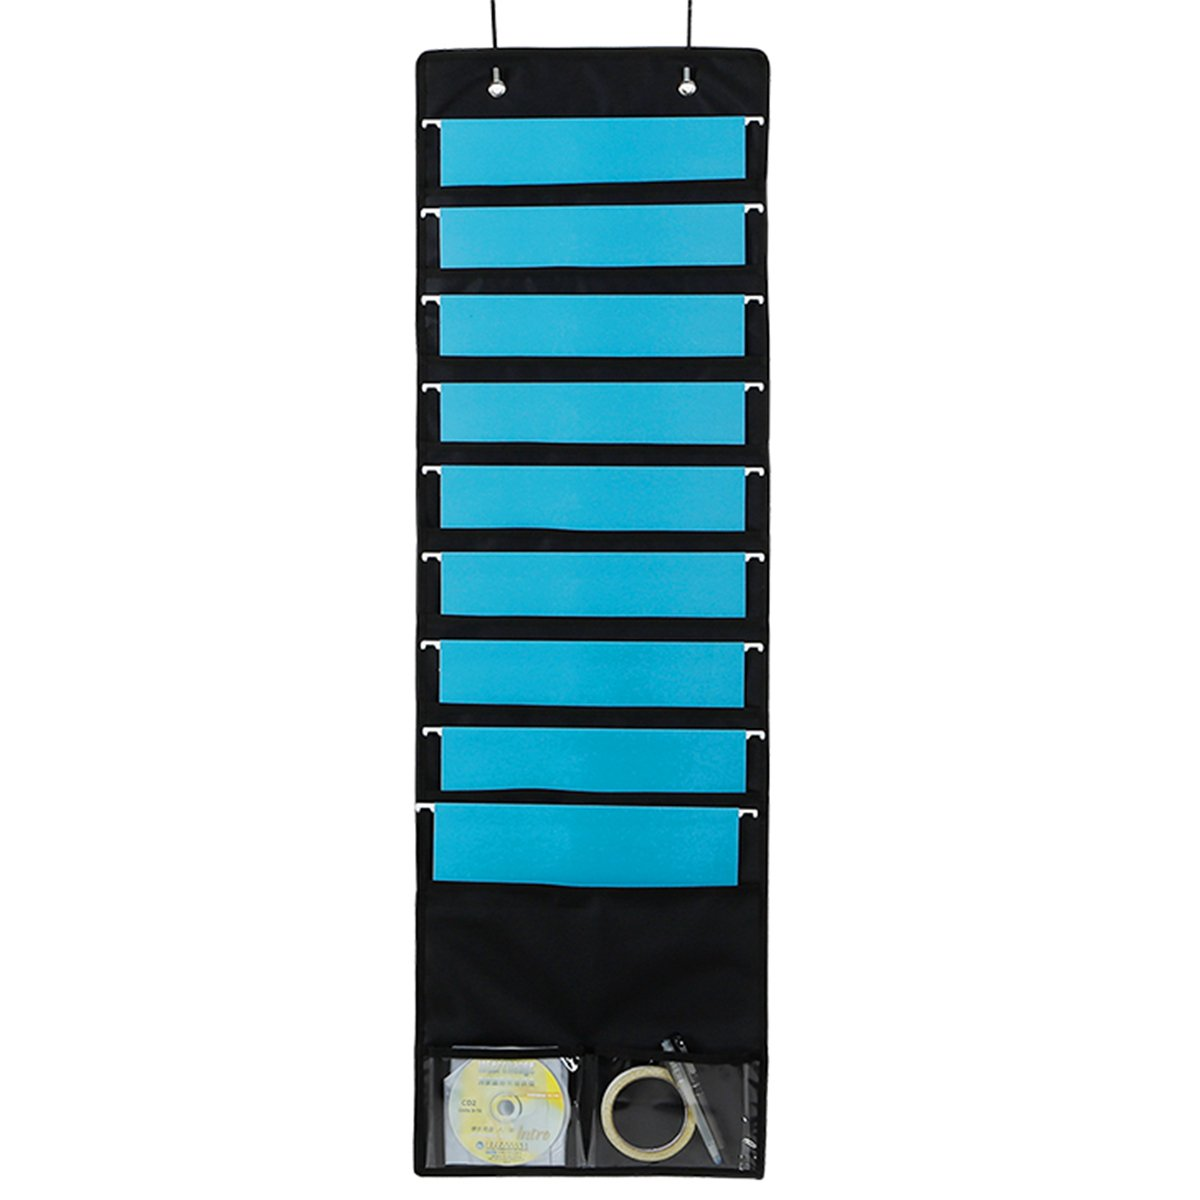 hanging file organizer wall mount folder holder penck over the door storage po ebay. Black Bedroom Furniture Sets. Home Design Ideas